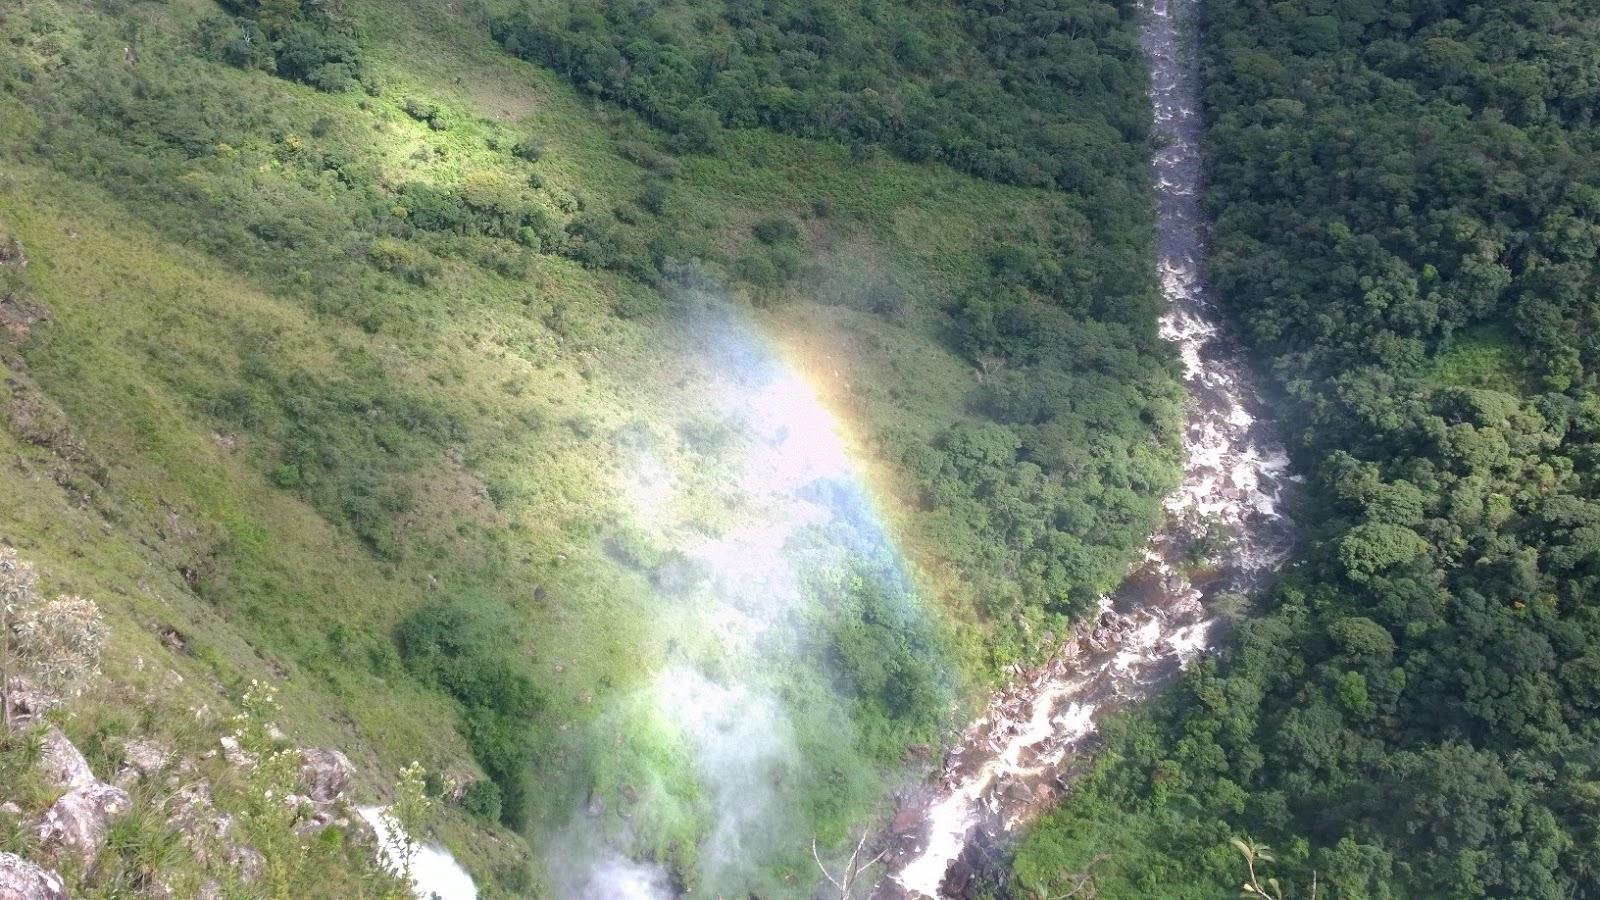 Vista da Casca D'Anta de cima - Parque Nacional da Serra da Canastra-MG